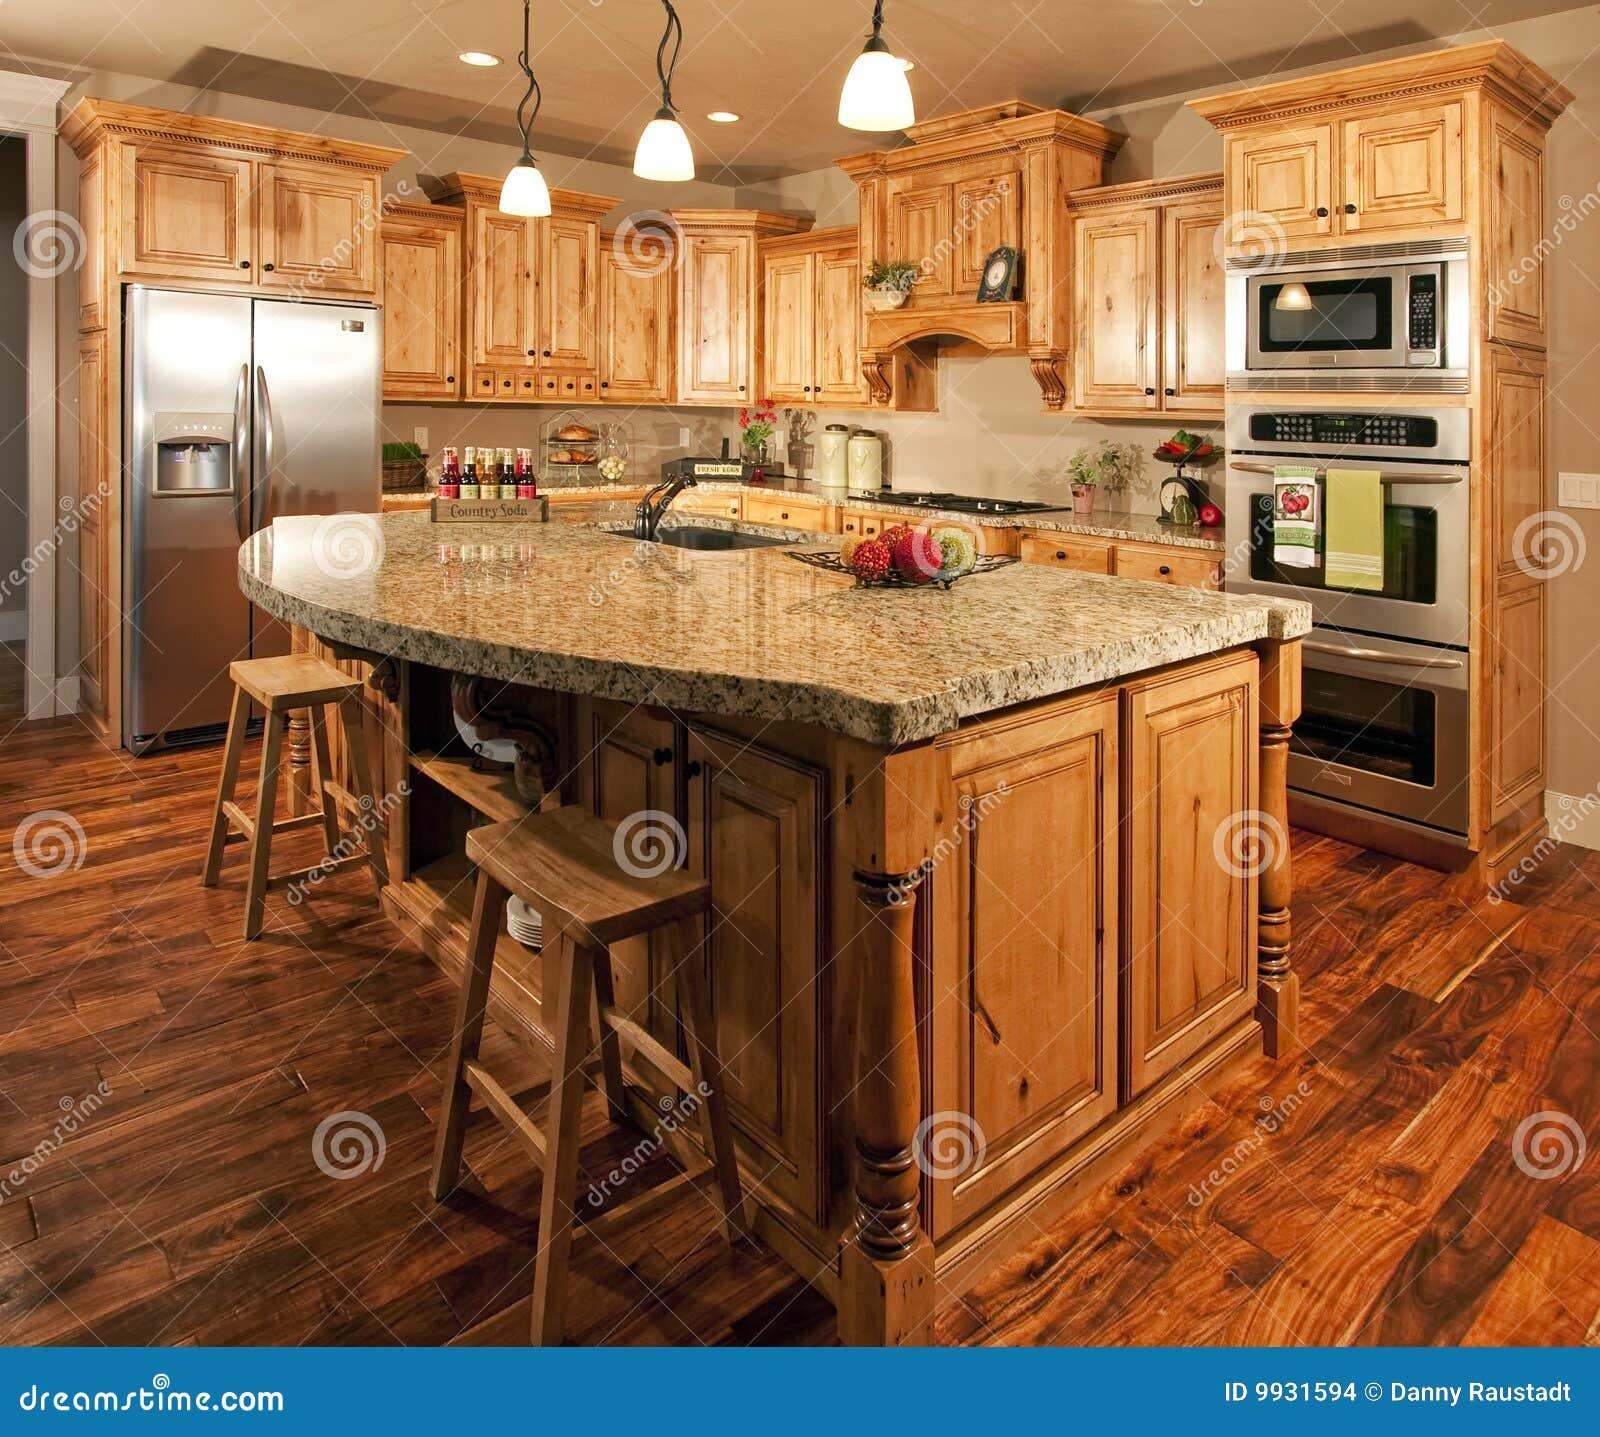 Shaker Dining Room Isla Casera Moderna Del Centro De La Cocina Imagenes De